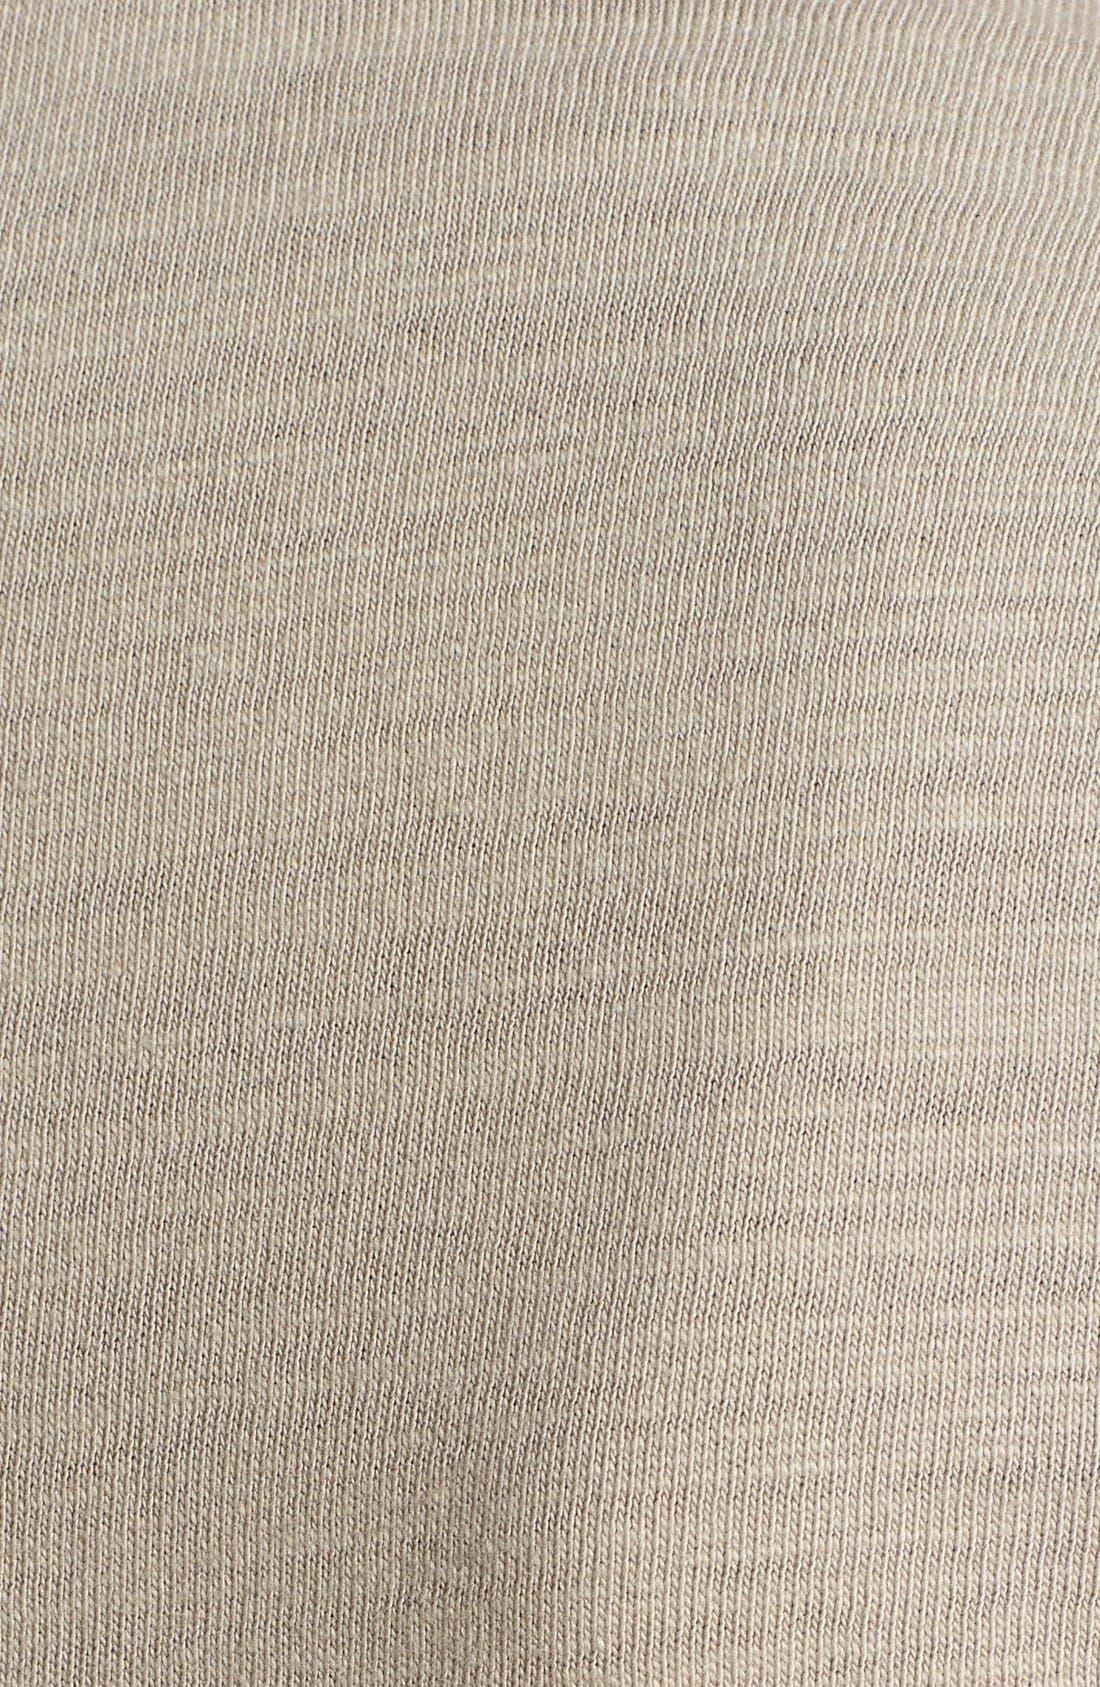 Cotton Knit Jacket,                             Alternate thumbnail 18, color,